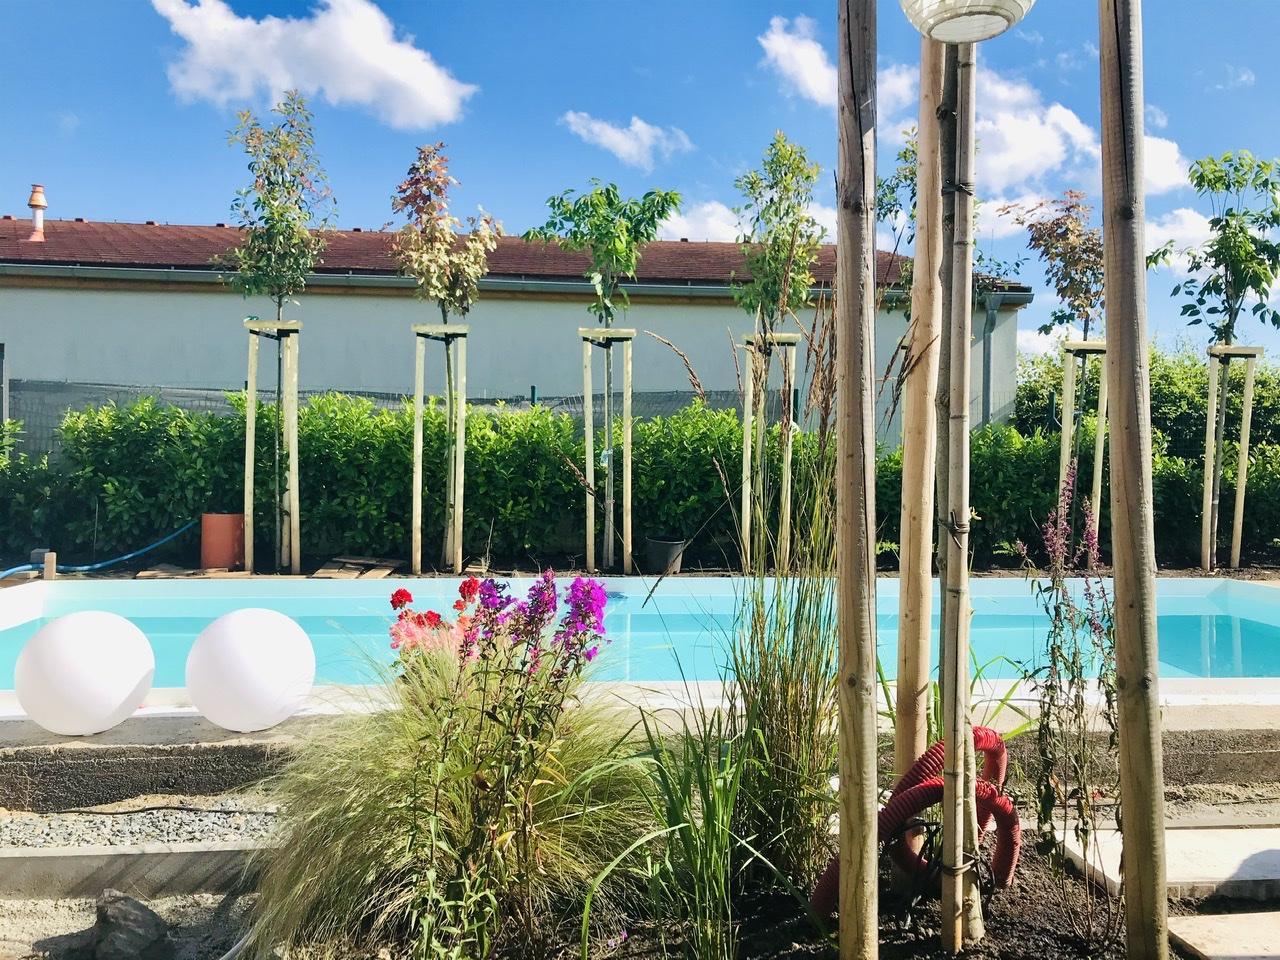 Naše L-ko - 2021 - stále dokončujeme - postupne sadím prvé kvietky a trávy ku bazénu. Čakáme na štrkovanie a následne pokladku dreva, využívam čas predom a sadím nech už kvietky nemusia čakat v kvetináčoch